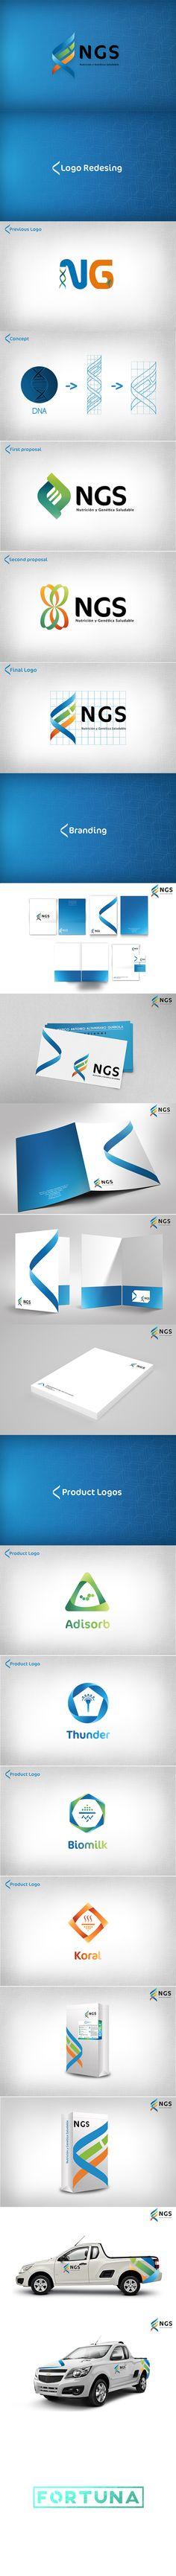 Rediseño de imagen de la empresa NGS (Nutrición y Genética Saludable). By: Fortuna Estudio  #redesign #design #ngs #fortuna #estudio #fortunaestudio #branding #blue #white #genetic #logo #businesscard #business #card #label #costal